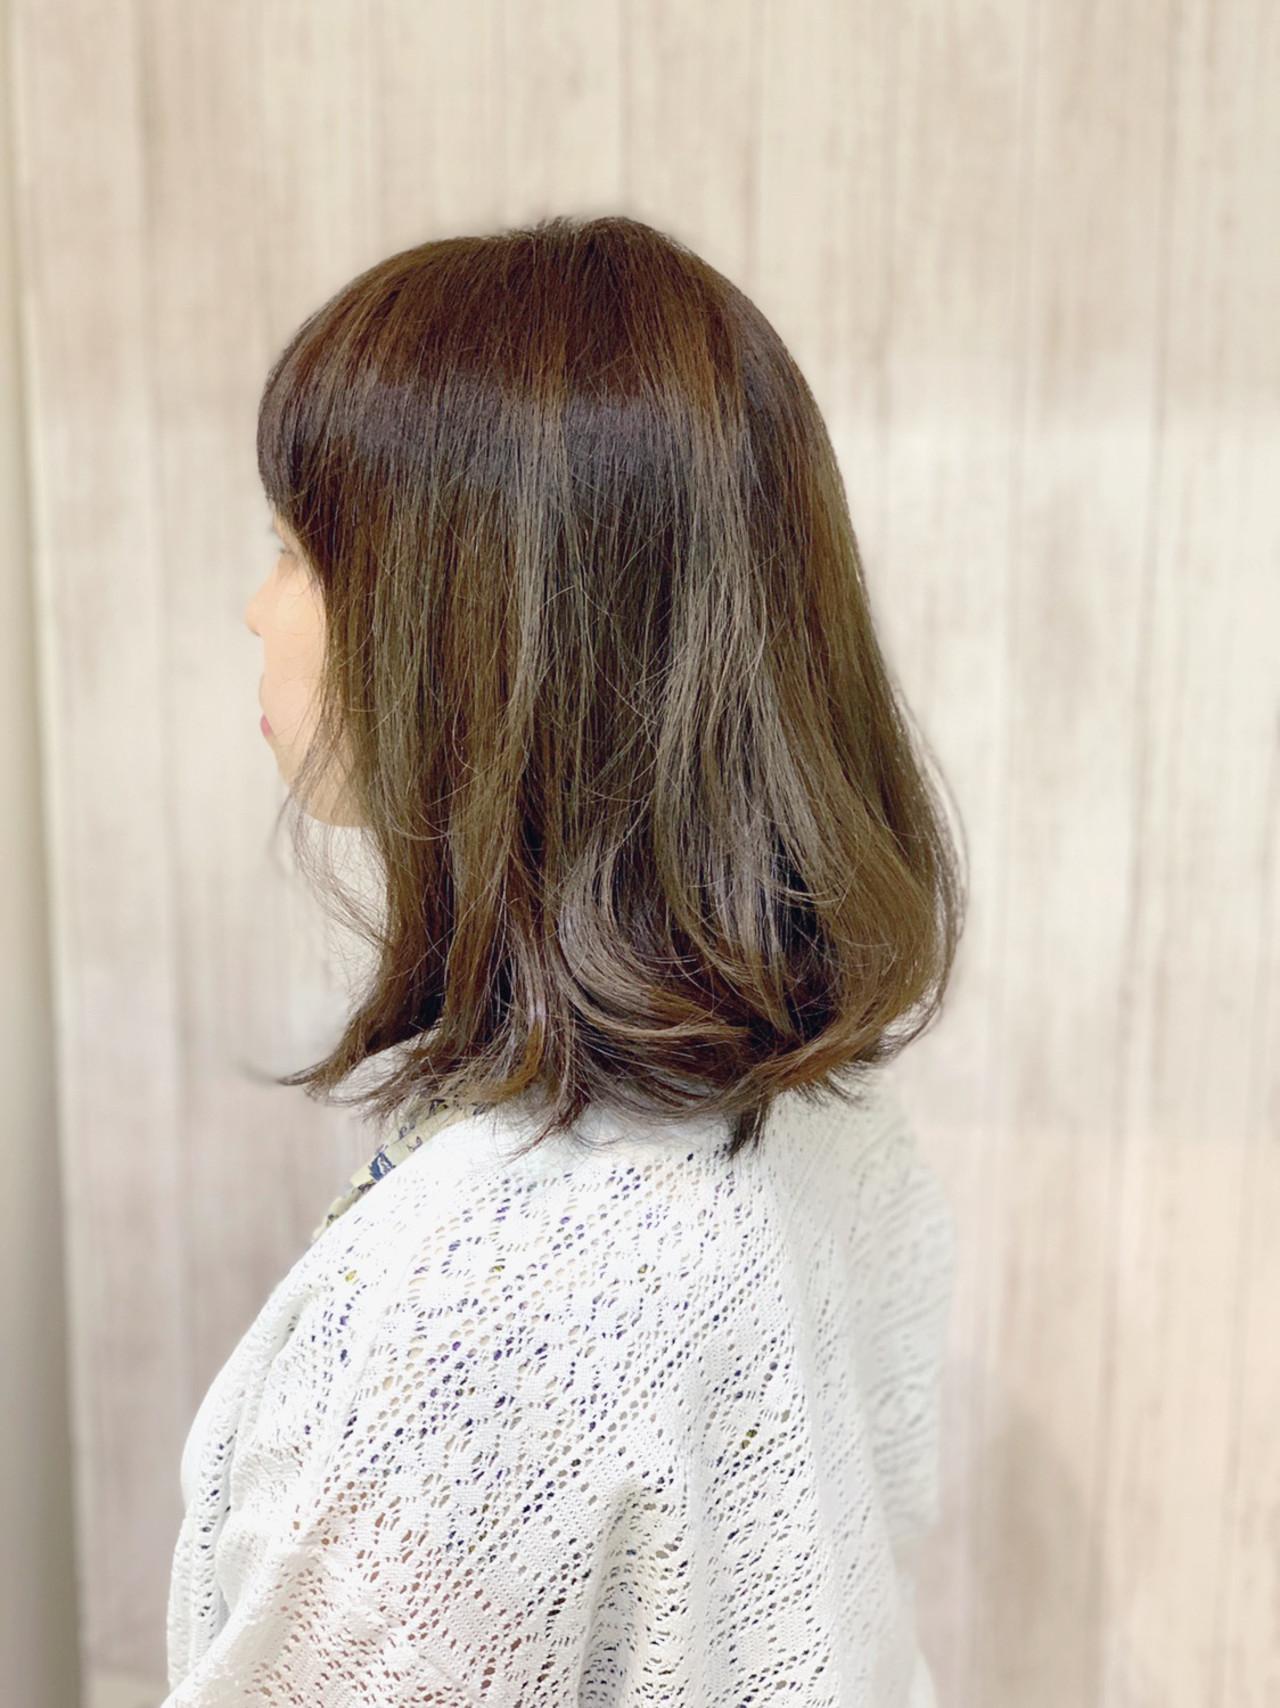 ガーリー ブリーチカラー ブリーチオンカラー ミディアム ヘアスタイルや髪型の写真・画像 | 石沢知康 / feel.aレキシントンプラザ店